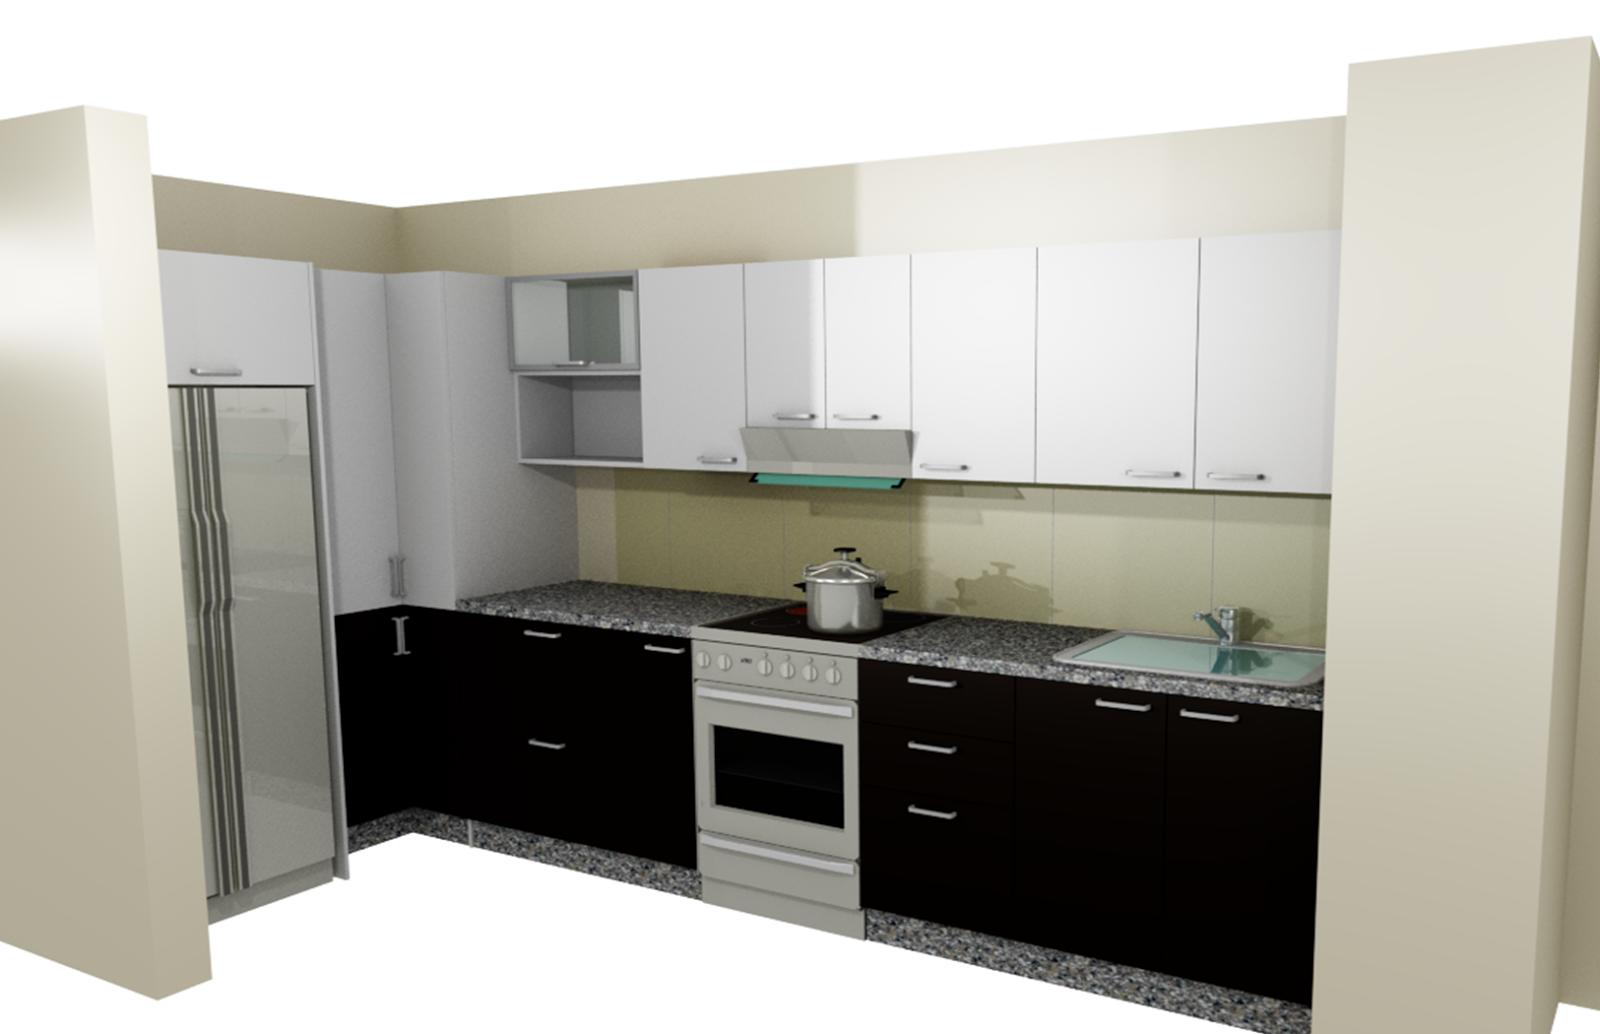 Muebles y cocinas en valencia muebles modulares p p - Cocinas en valencia ...